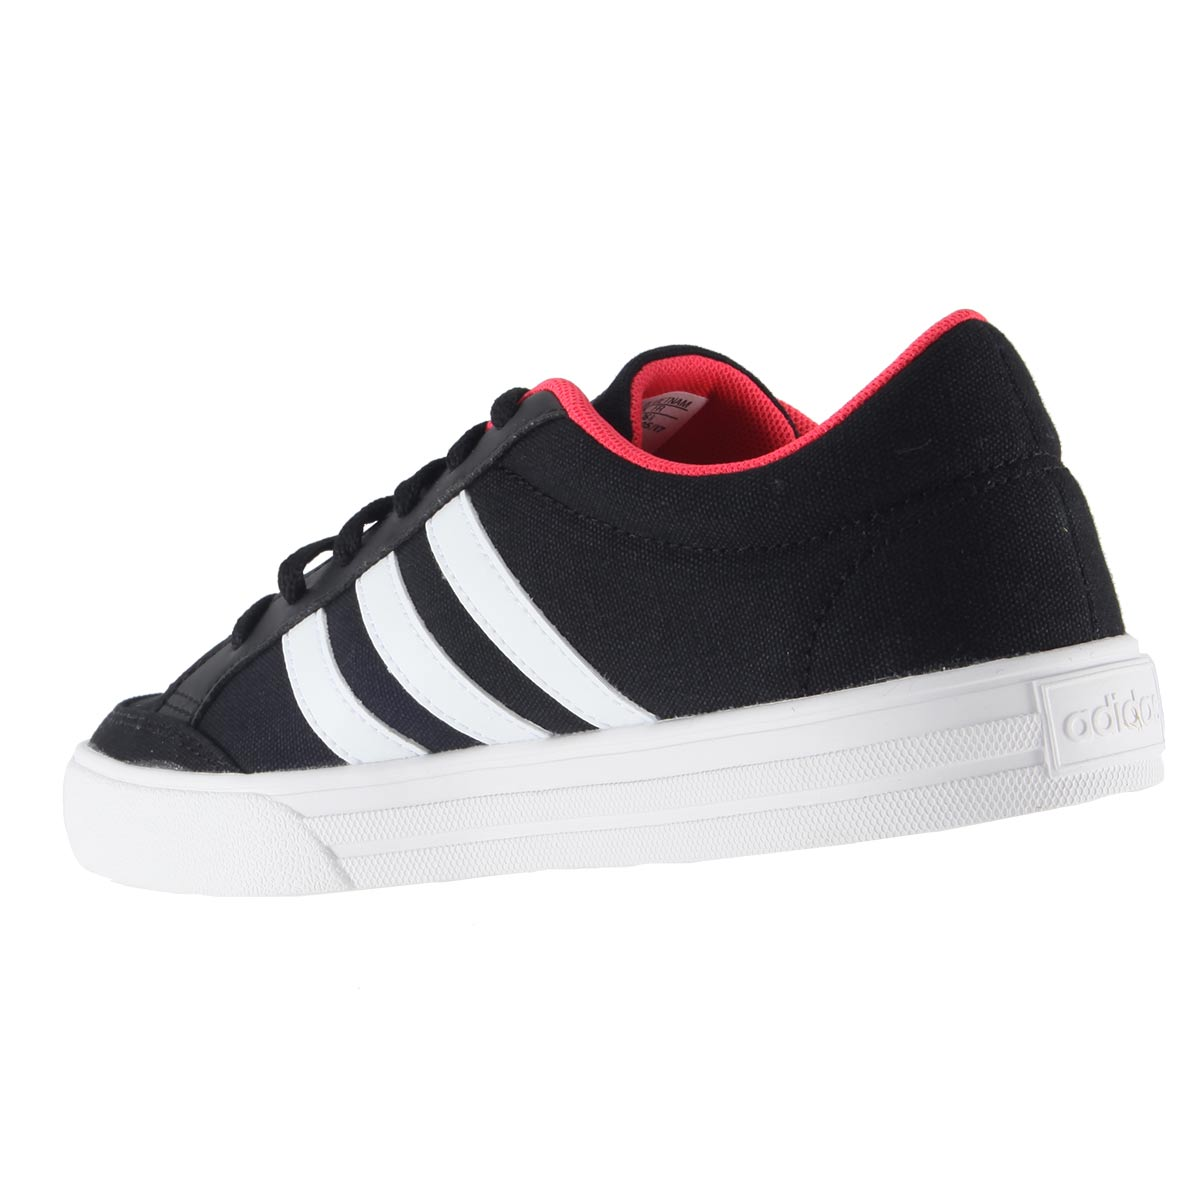 Tênis Adidas VS Set Unissex Casual Retrô Lona BB9651